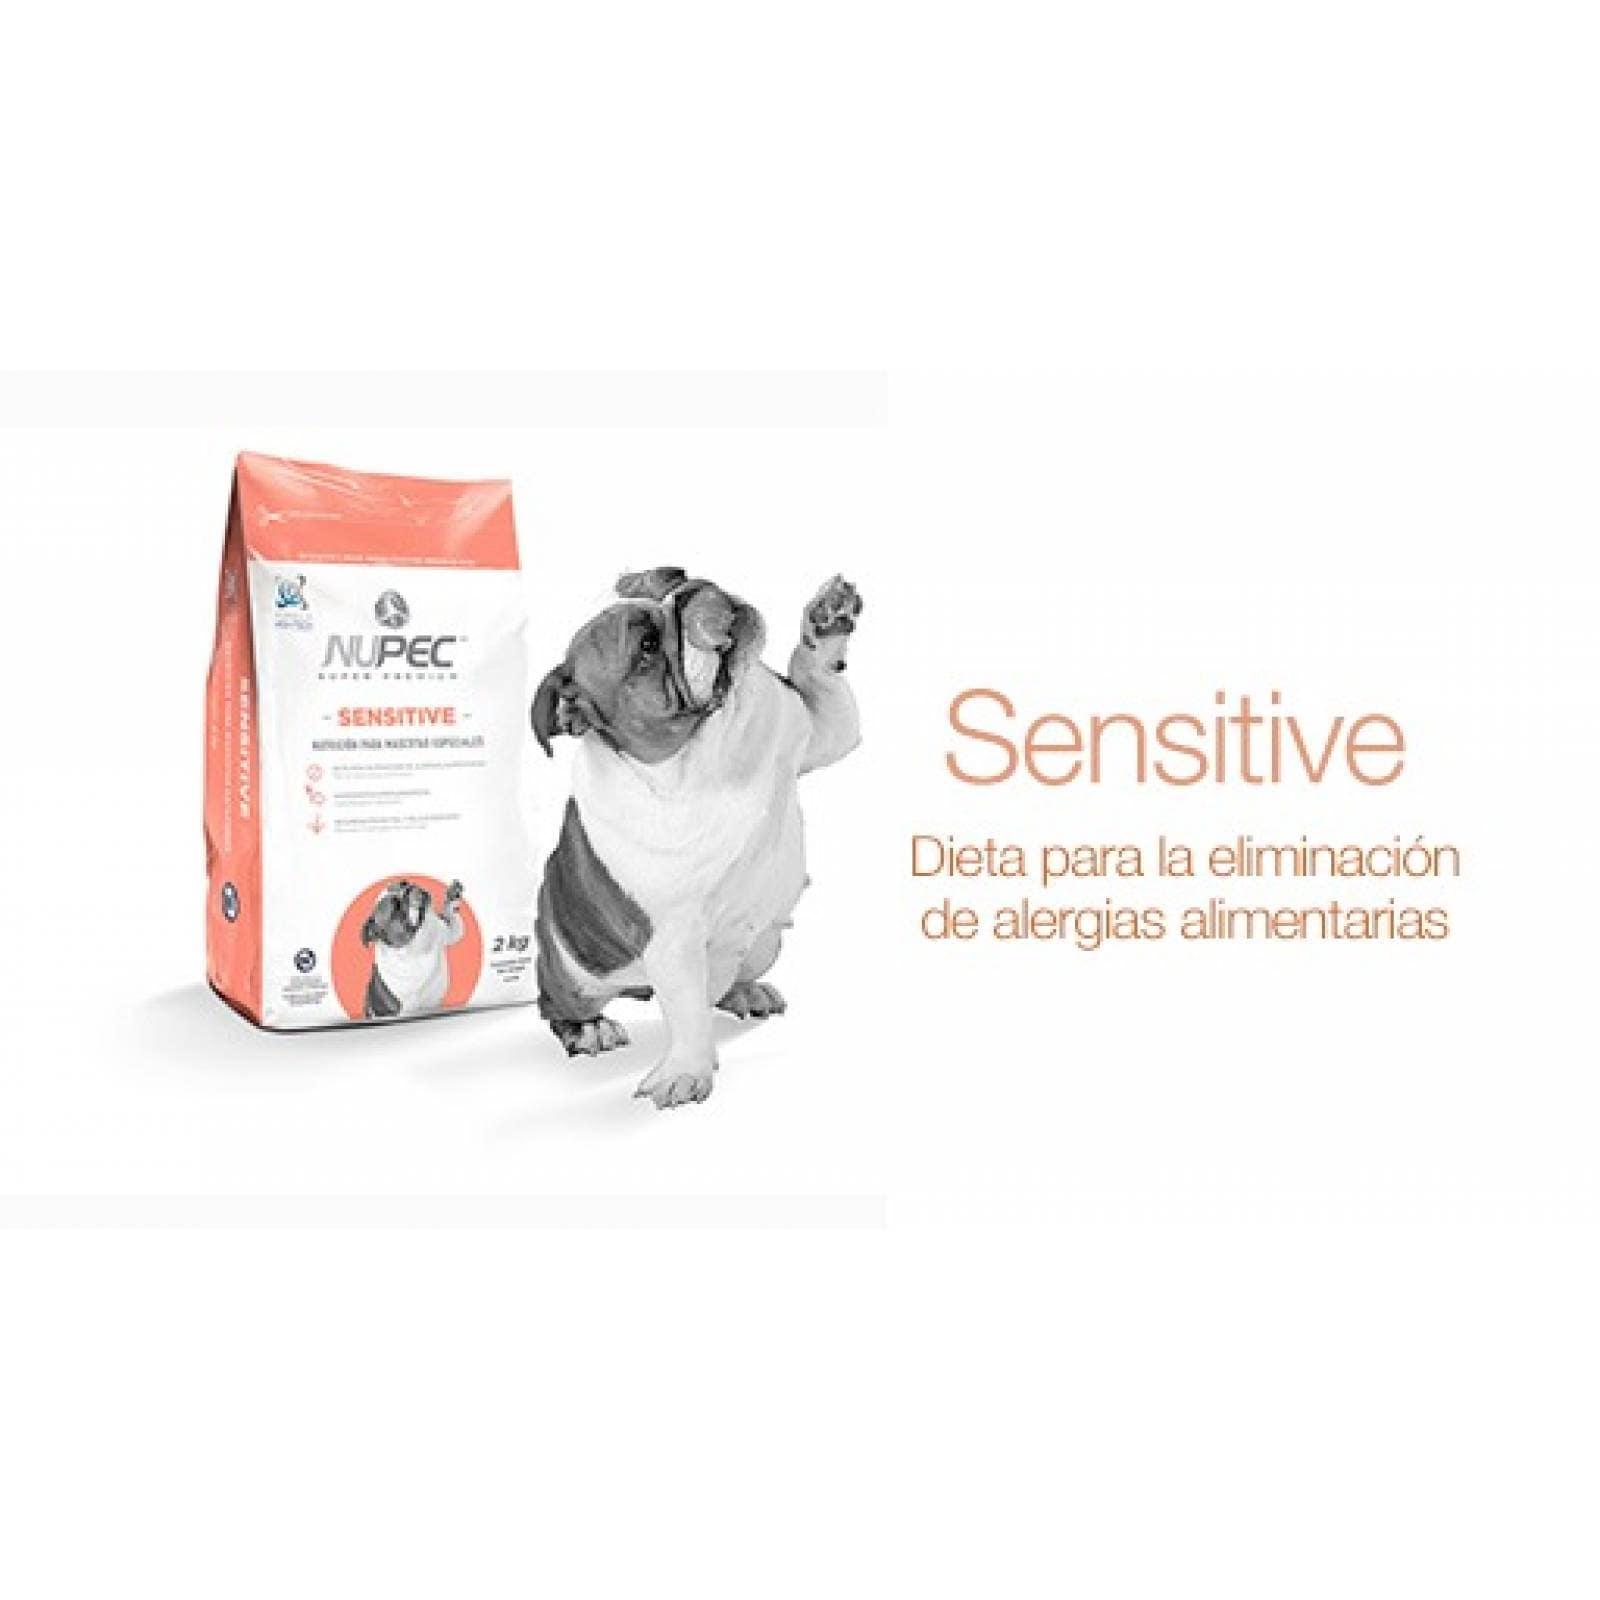 Nupec Sensitive 2 kg